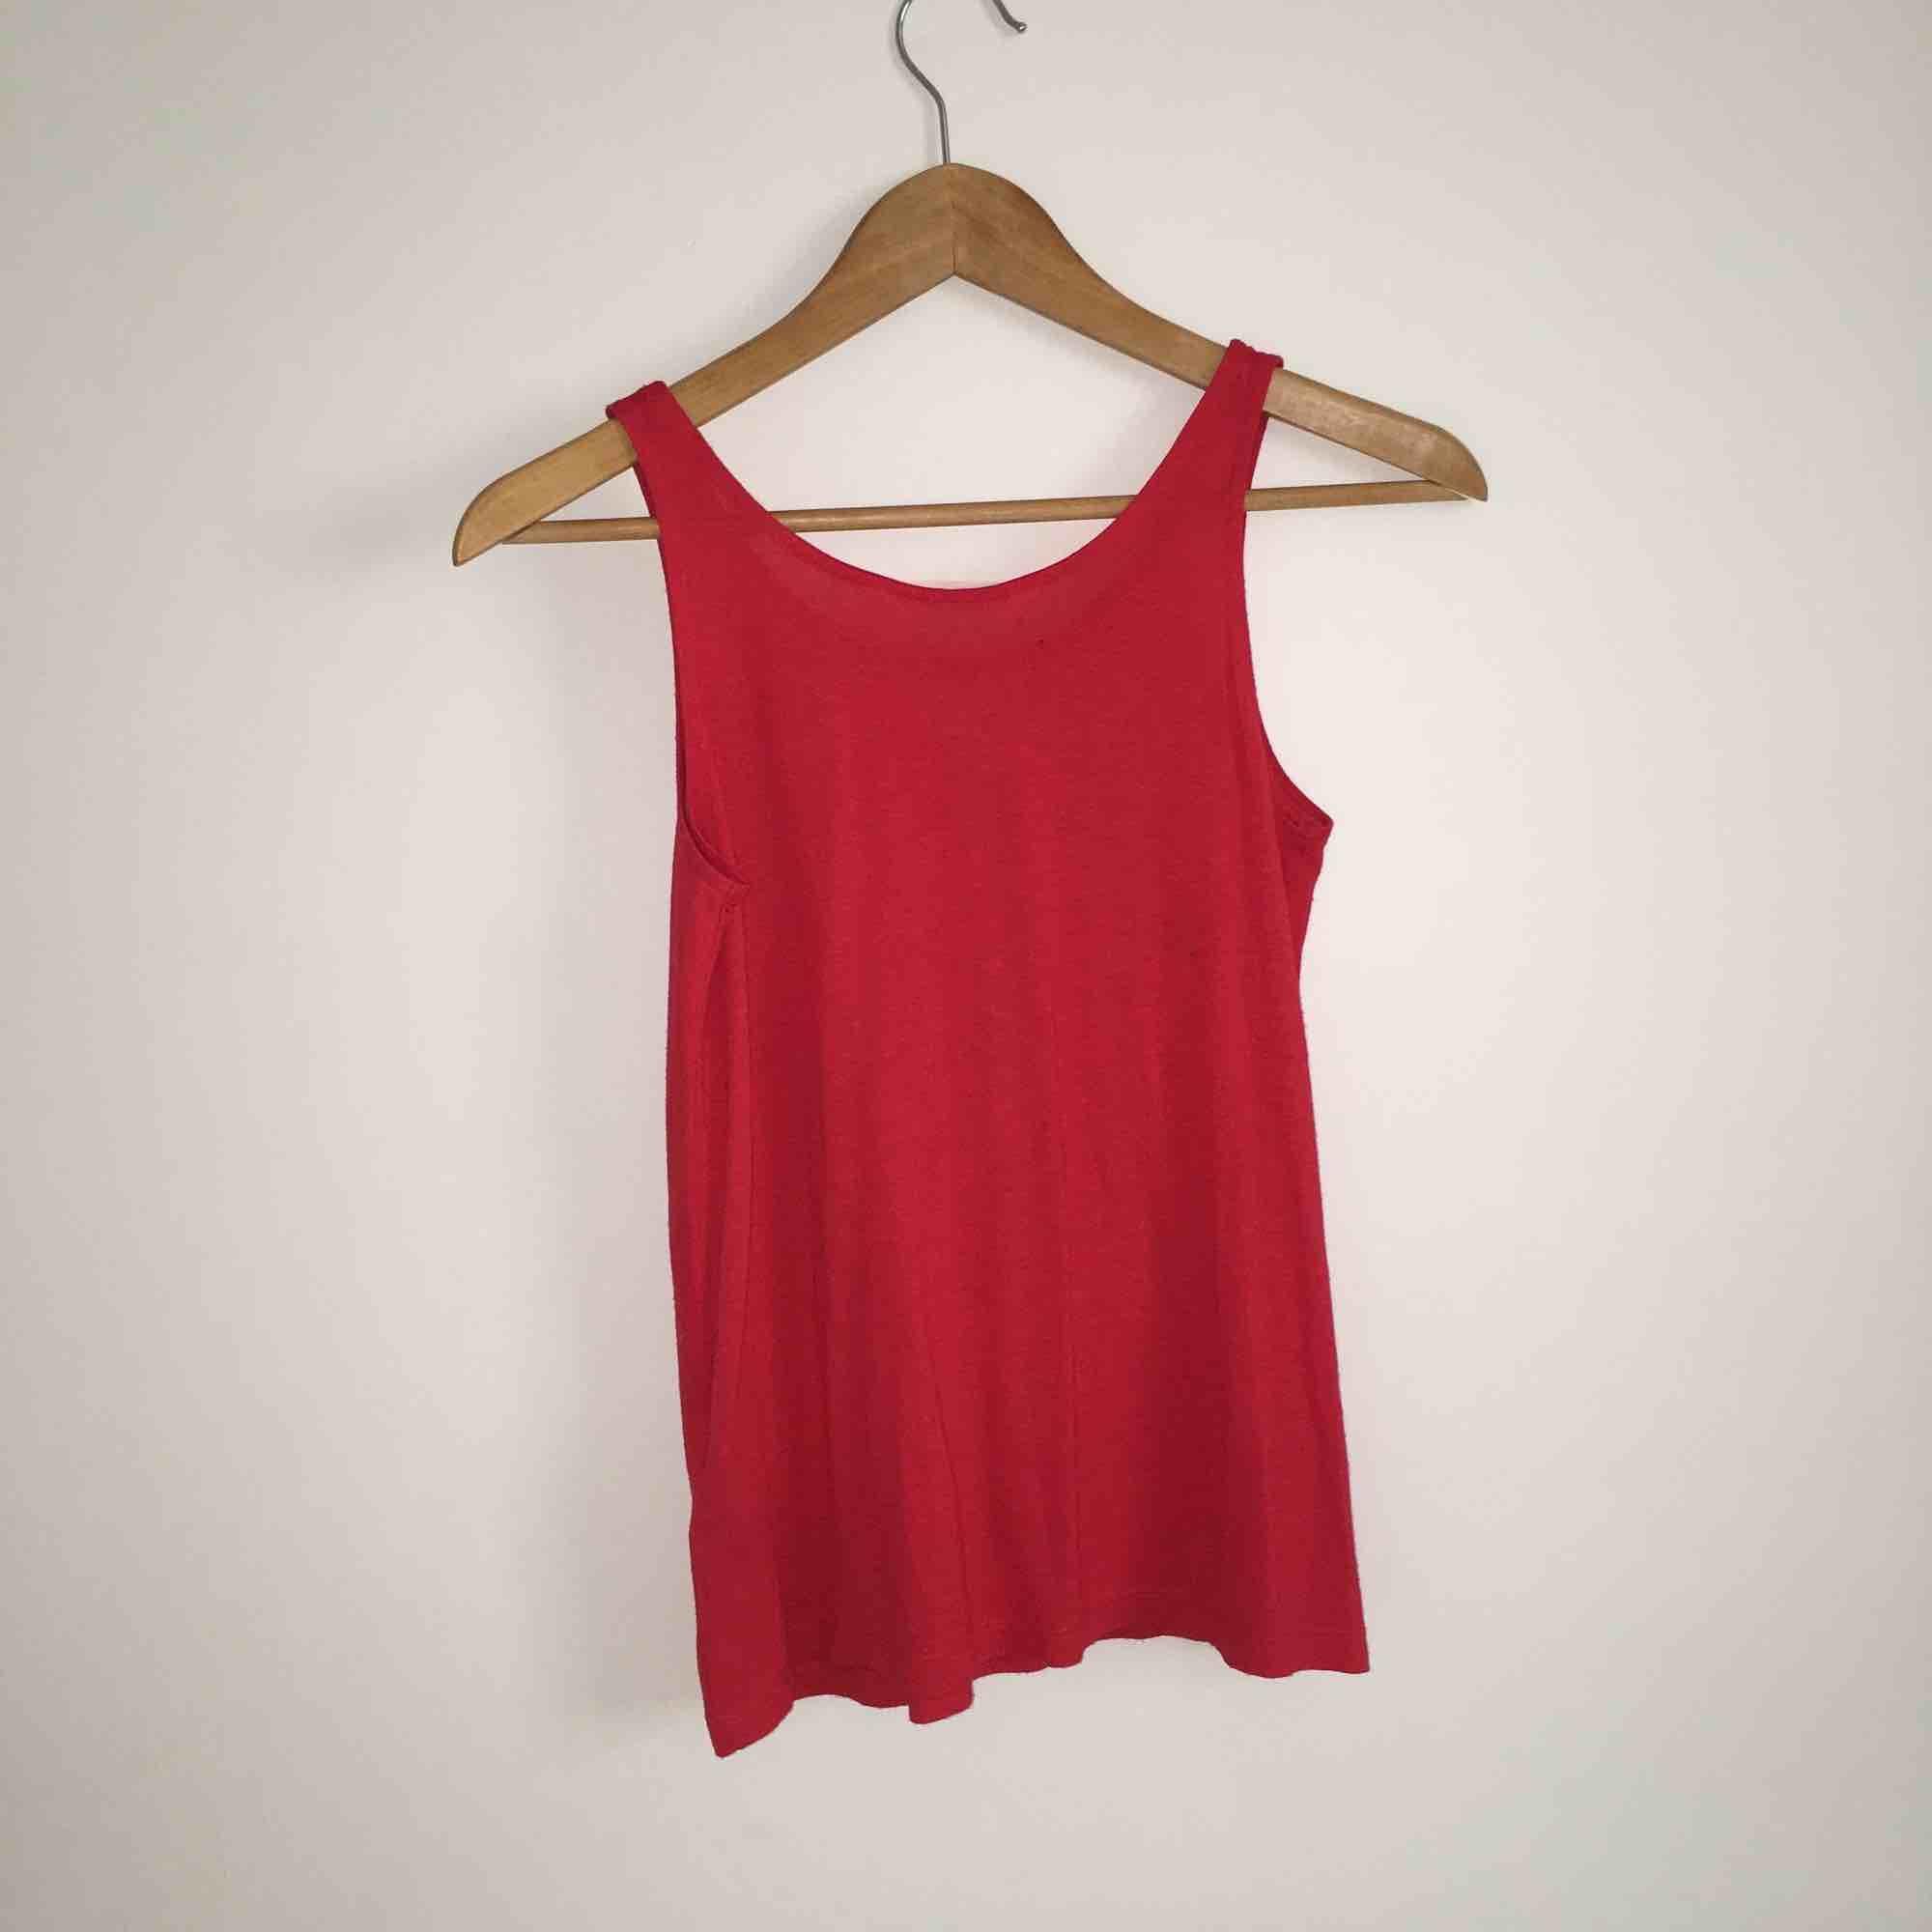 Rött tunt linne med silver paljetter på! från H&M😊 (Aldrig använd) skick 5/5. Toppar.